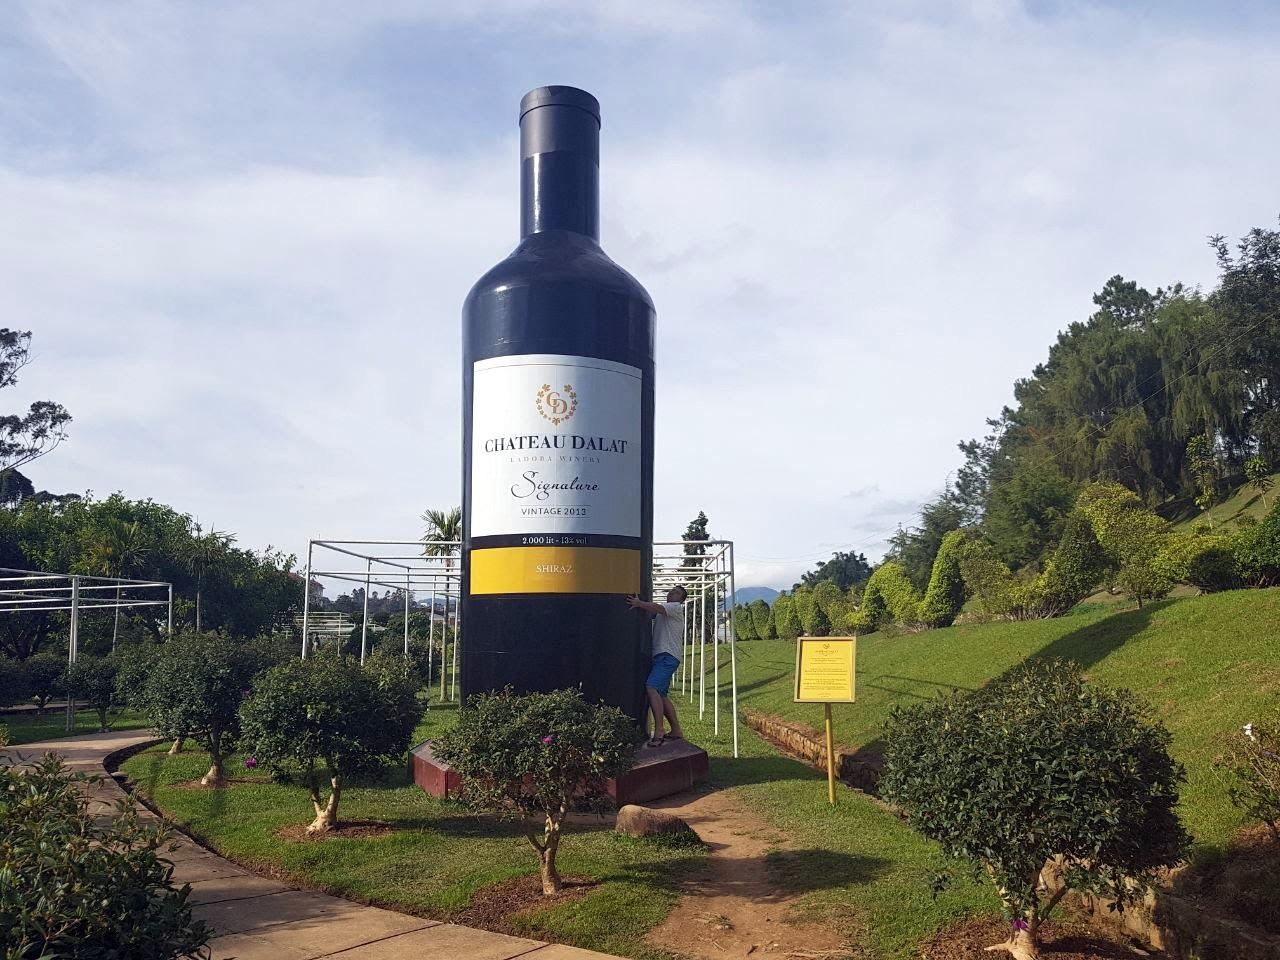 В саду растений. Видать вино начинает и тут набирать обороты. Кстати так в глаза и не бросалось Вьетнамское вино )